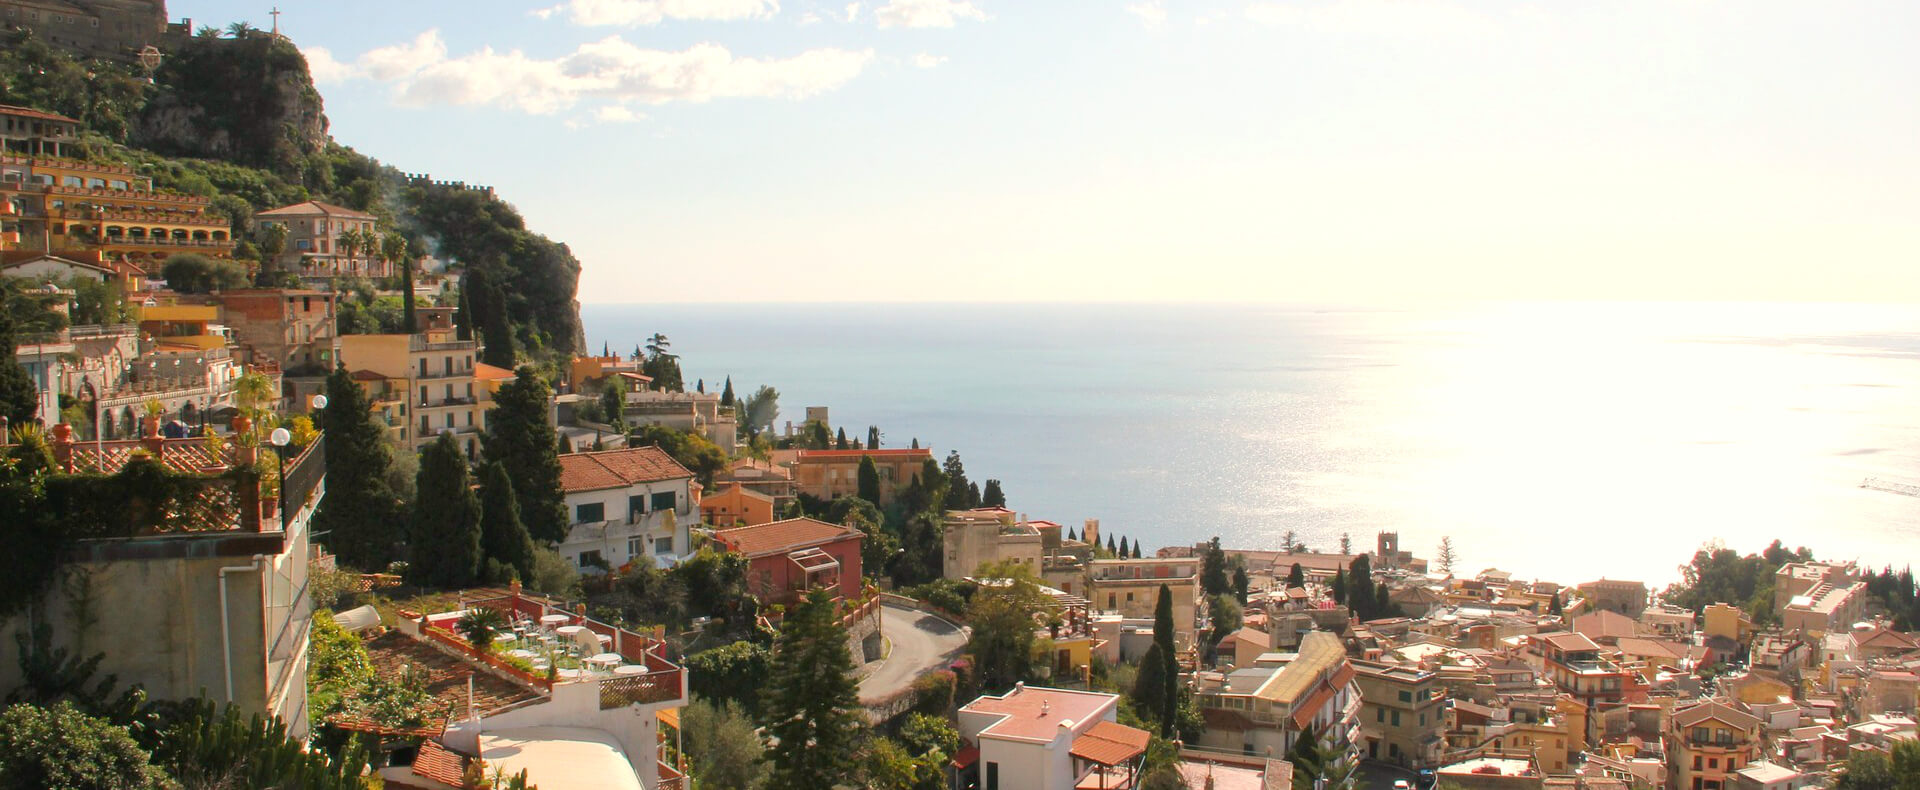 Taormina, Italy